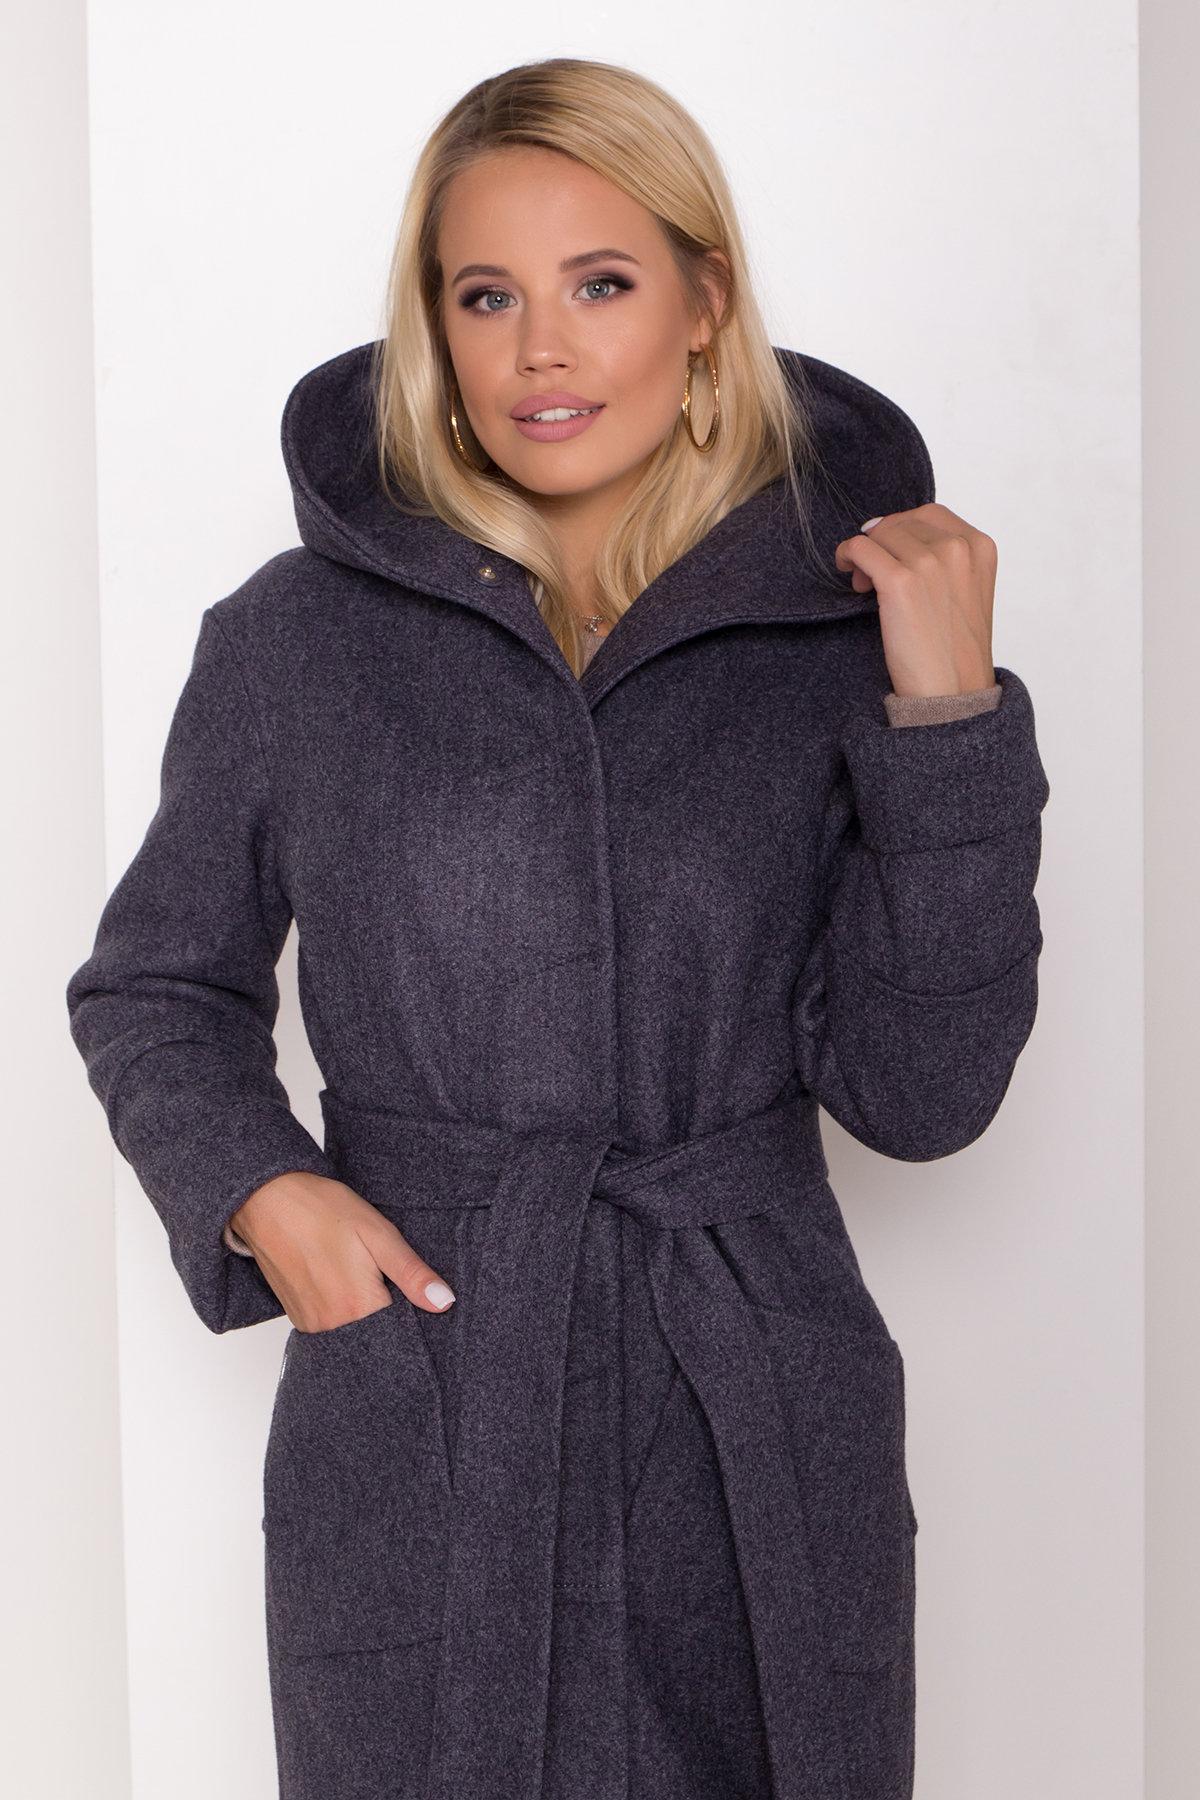 Утепленное пальто с капюшоном на зиму Анита классик 8213 АРТ. 44275 Цвет: т. синий 543 - фото 5, интернет магазин tm-modus.ru